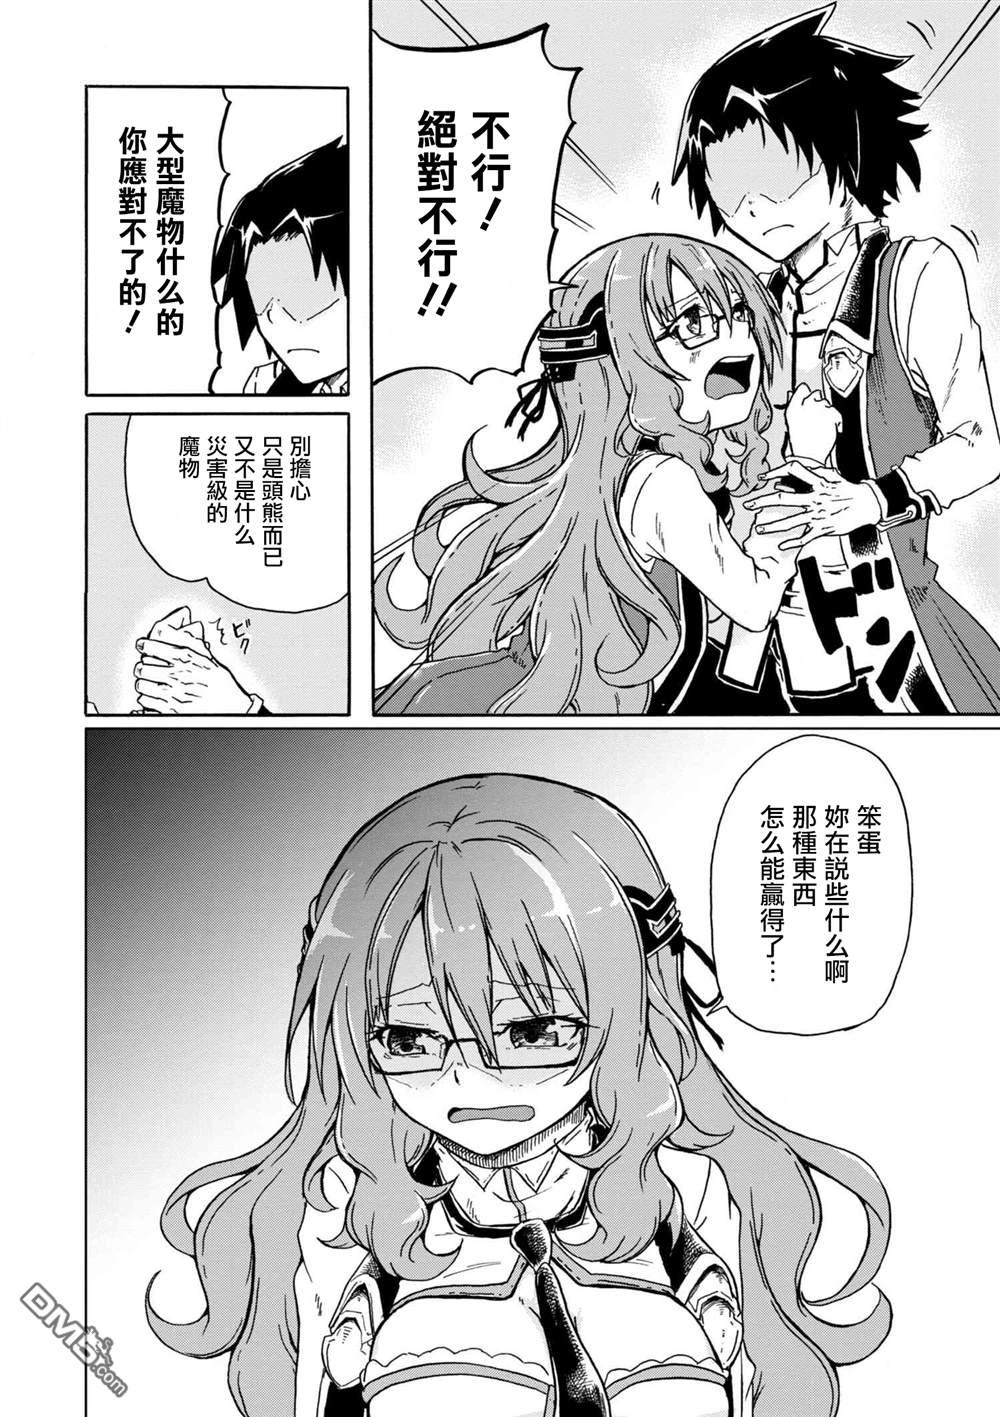 賢者之孫ExtraStory漫畫第4.1話(第3頁)劇情-二次元動漫